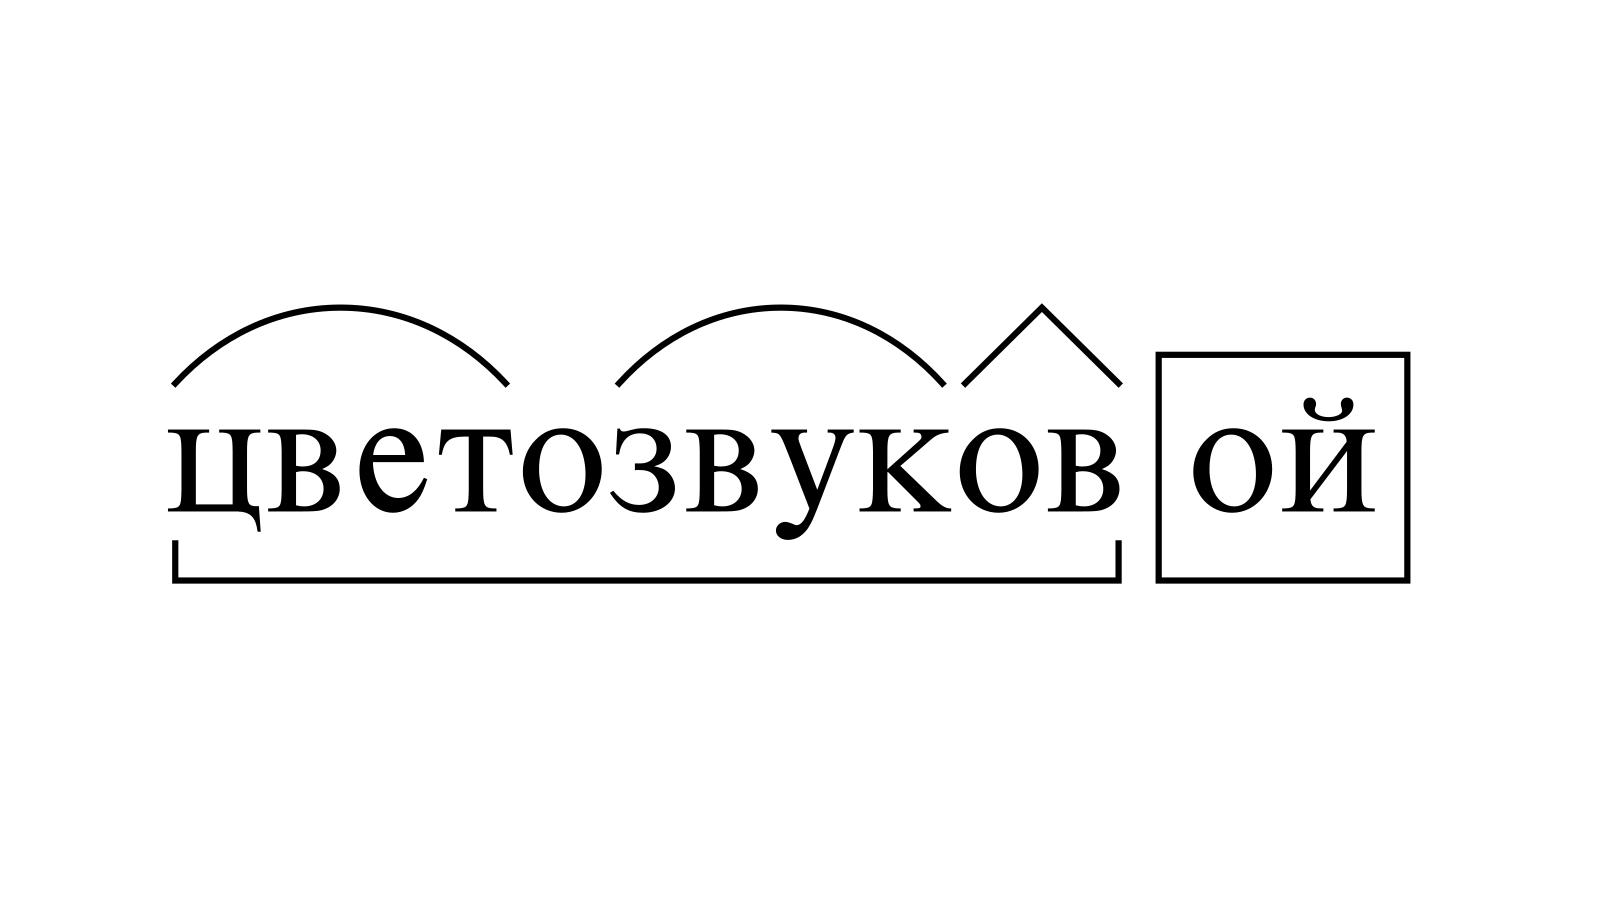 Разбор слова «цветозвуковой» по составу